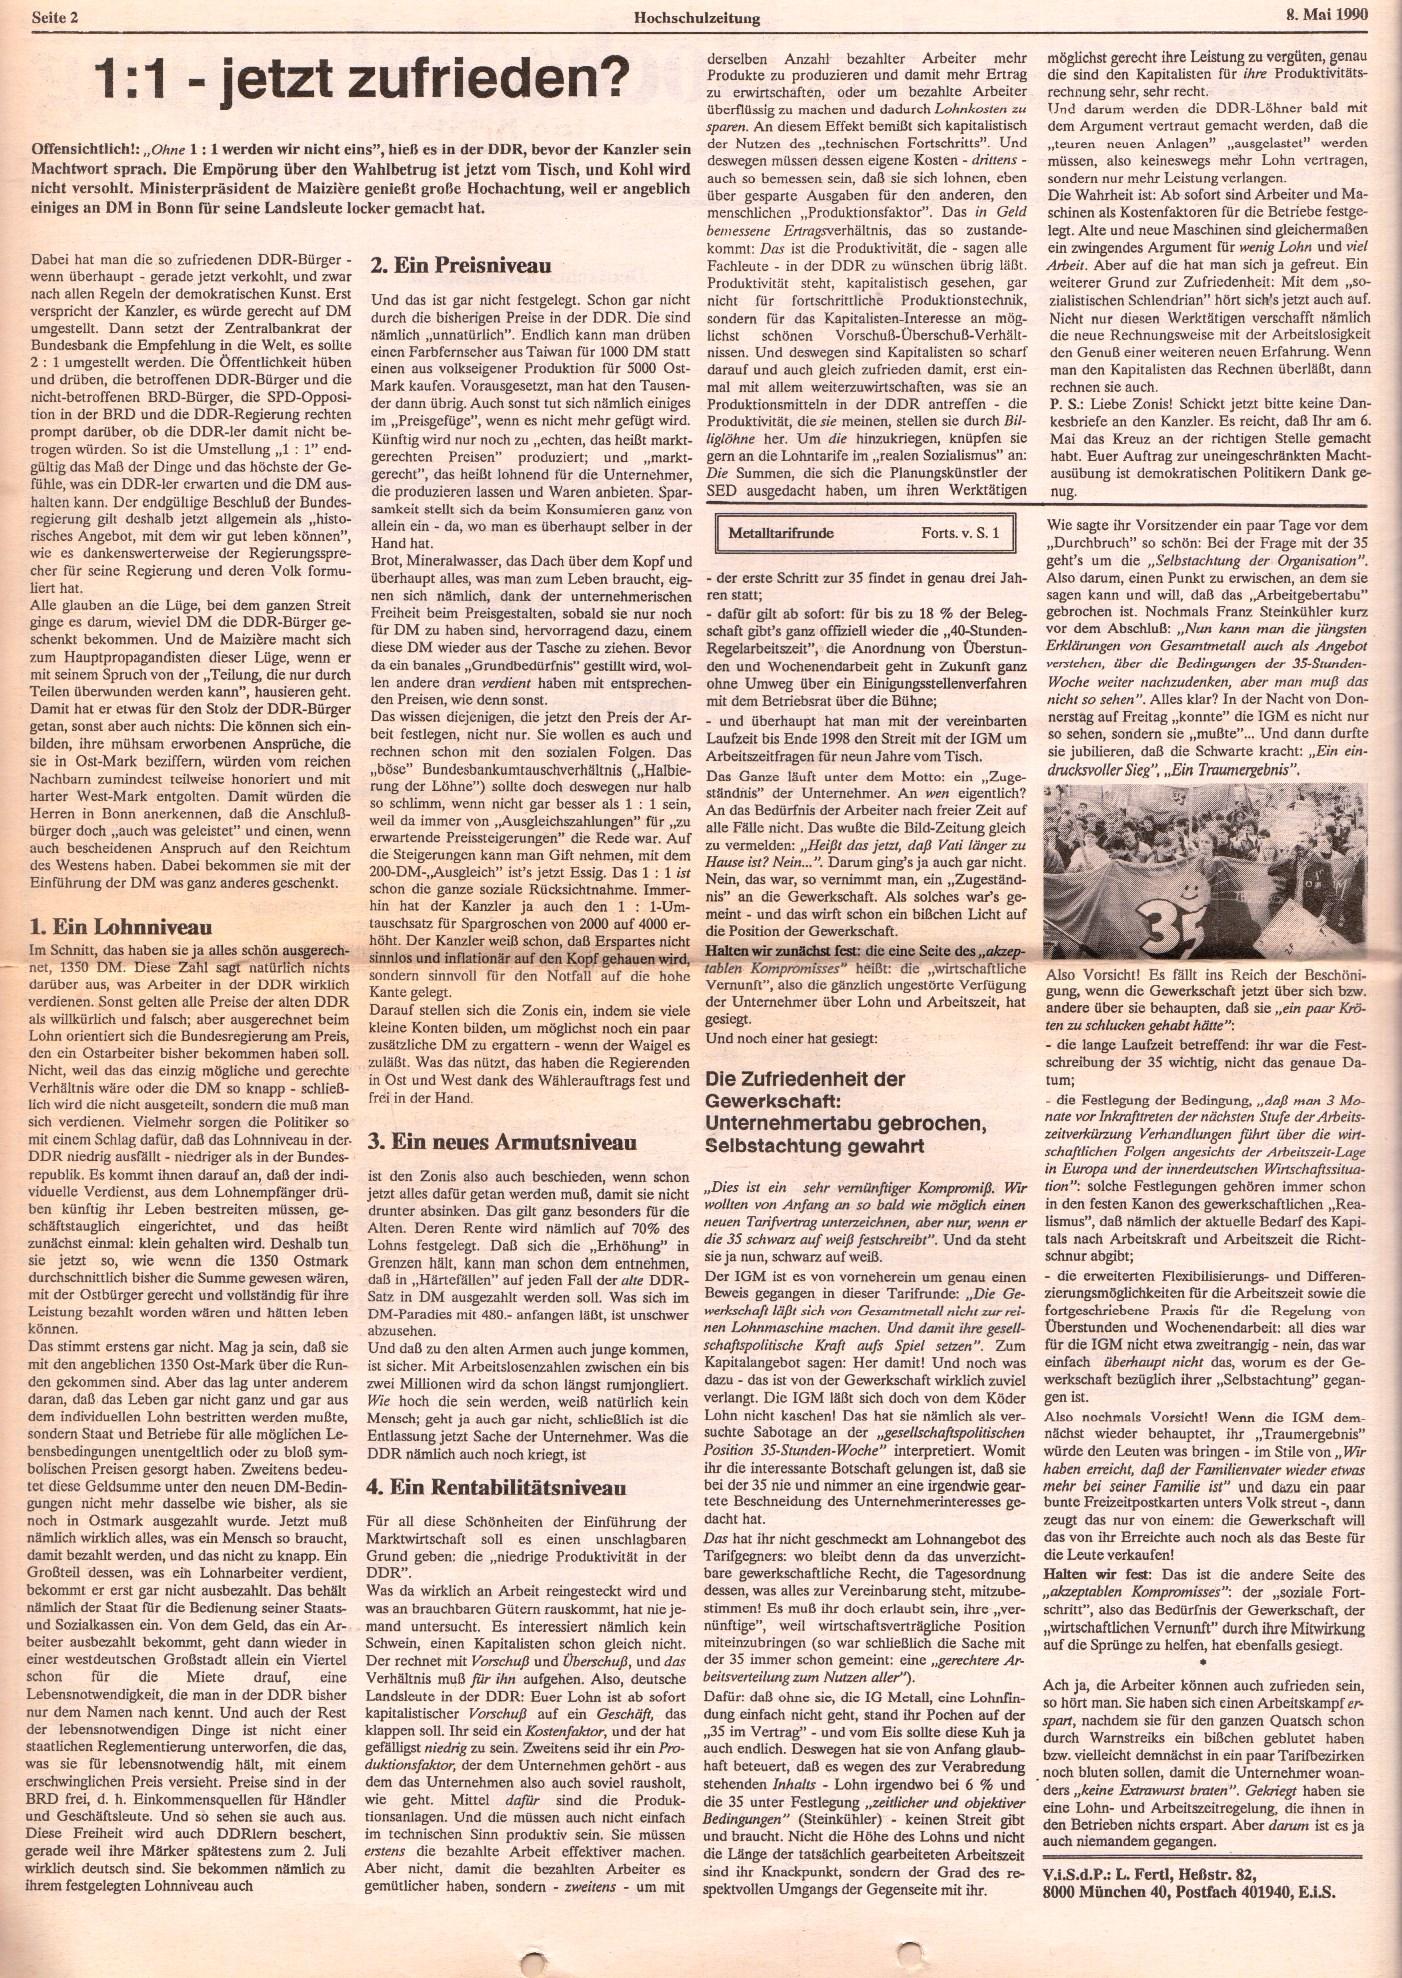 Ruhrgebiet_MG_Marxistische_Hochschulzeitung_19900508_02